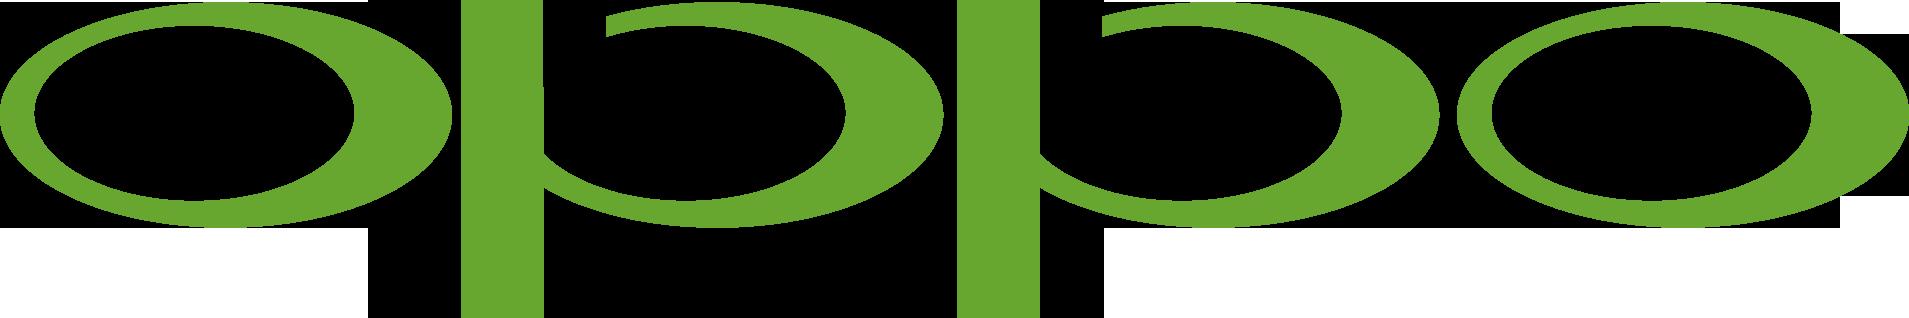 oppo-logo.png